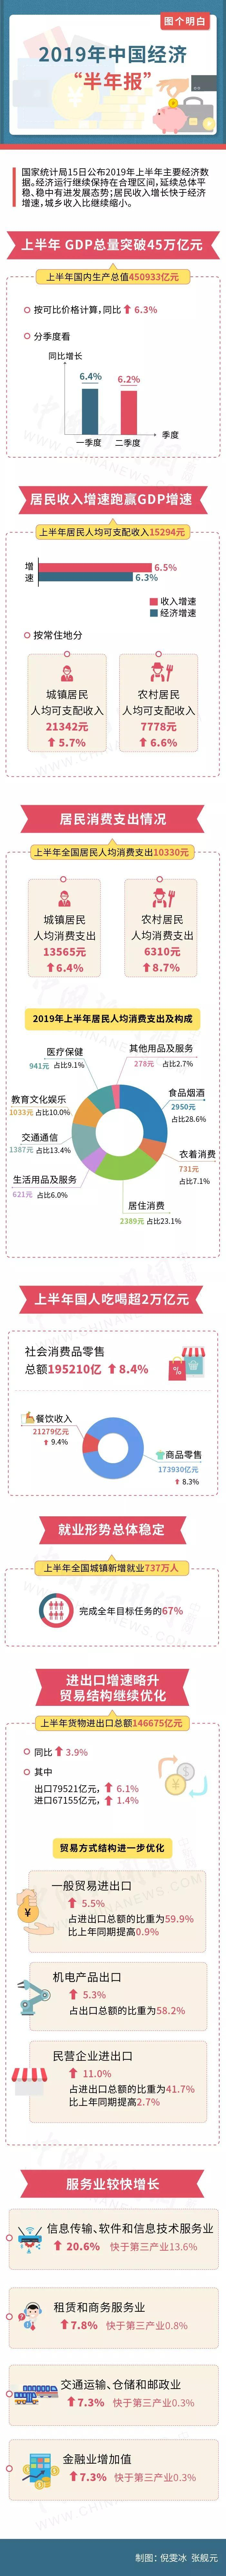 """一图看懂2019年中国经济""""半年报"""""""